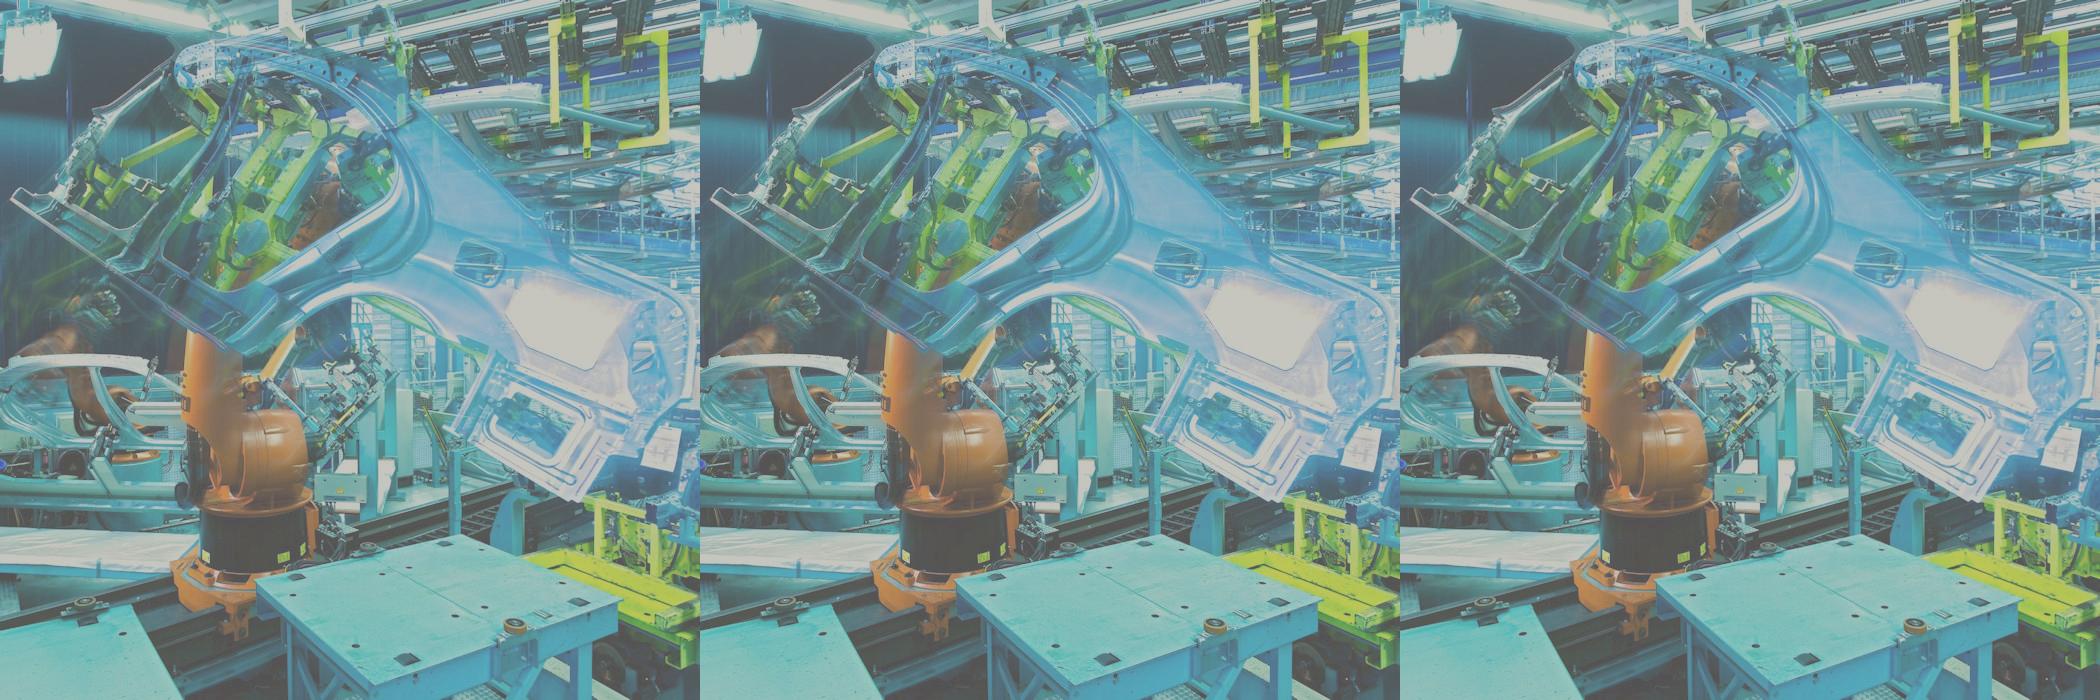 Industrie 4.0 bei Daimler